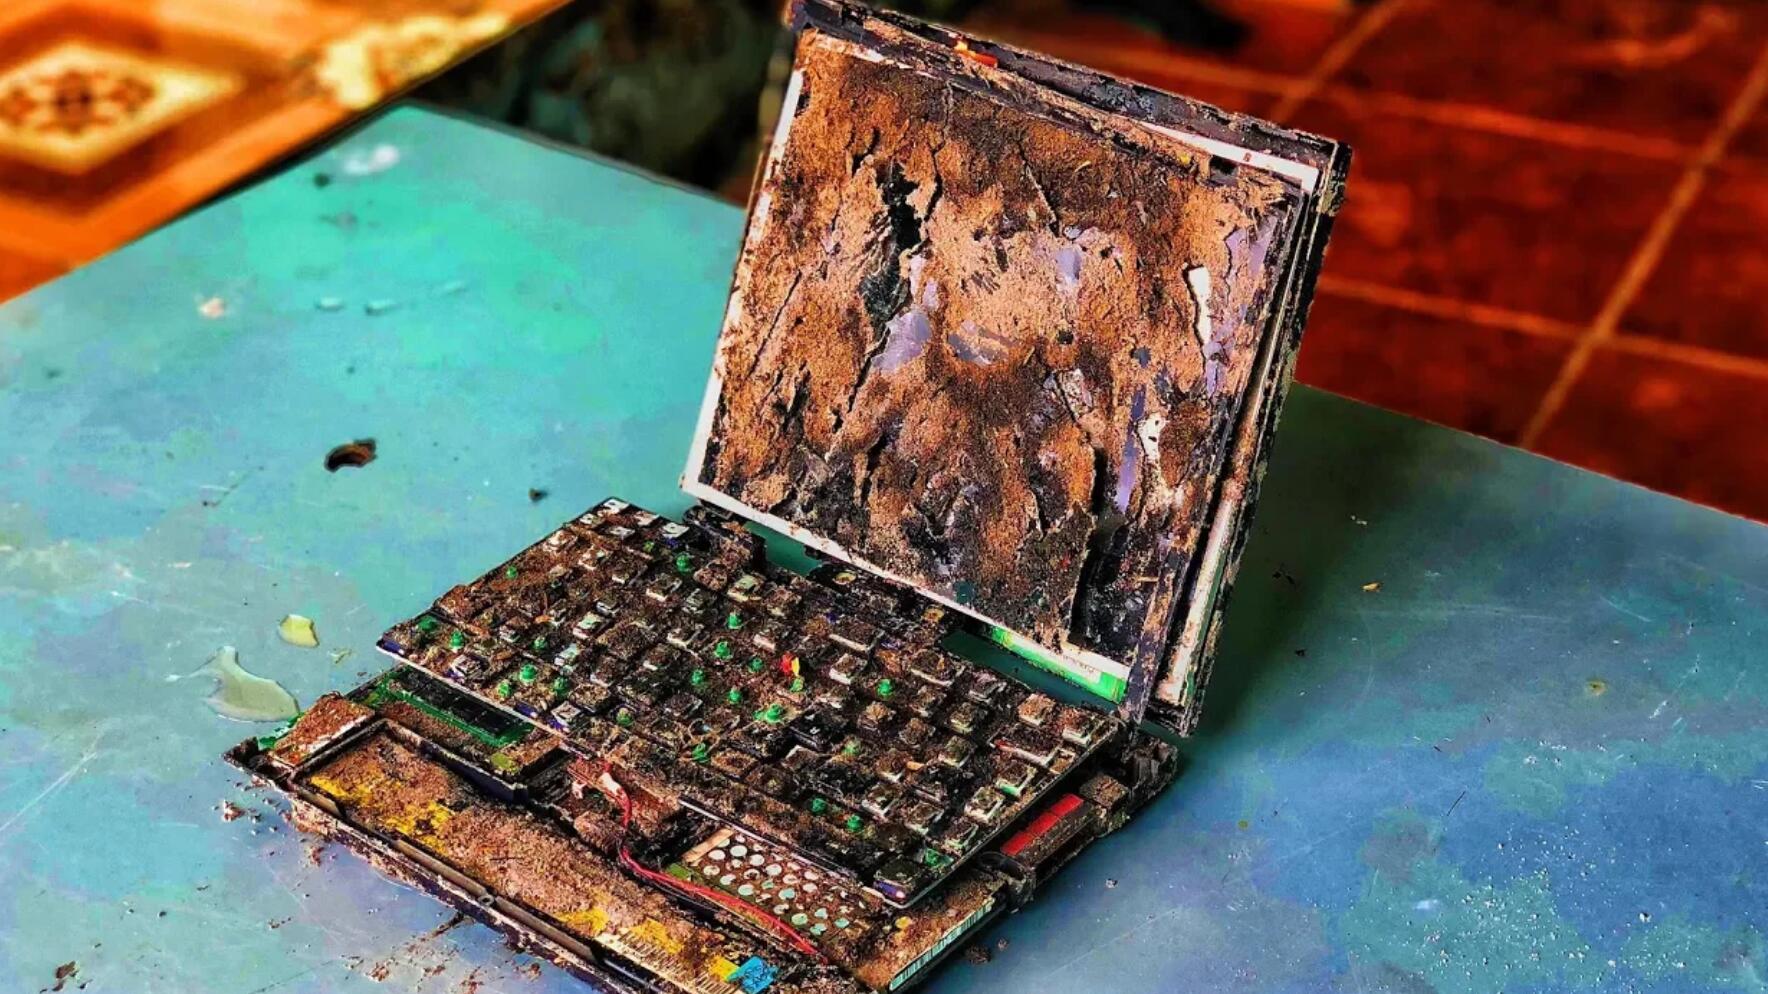 修复垃圾堆捡到的联想笔记本电脑